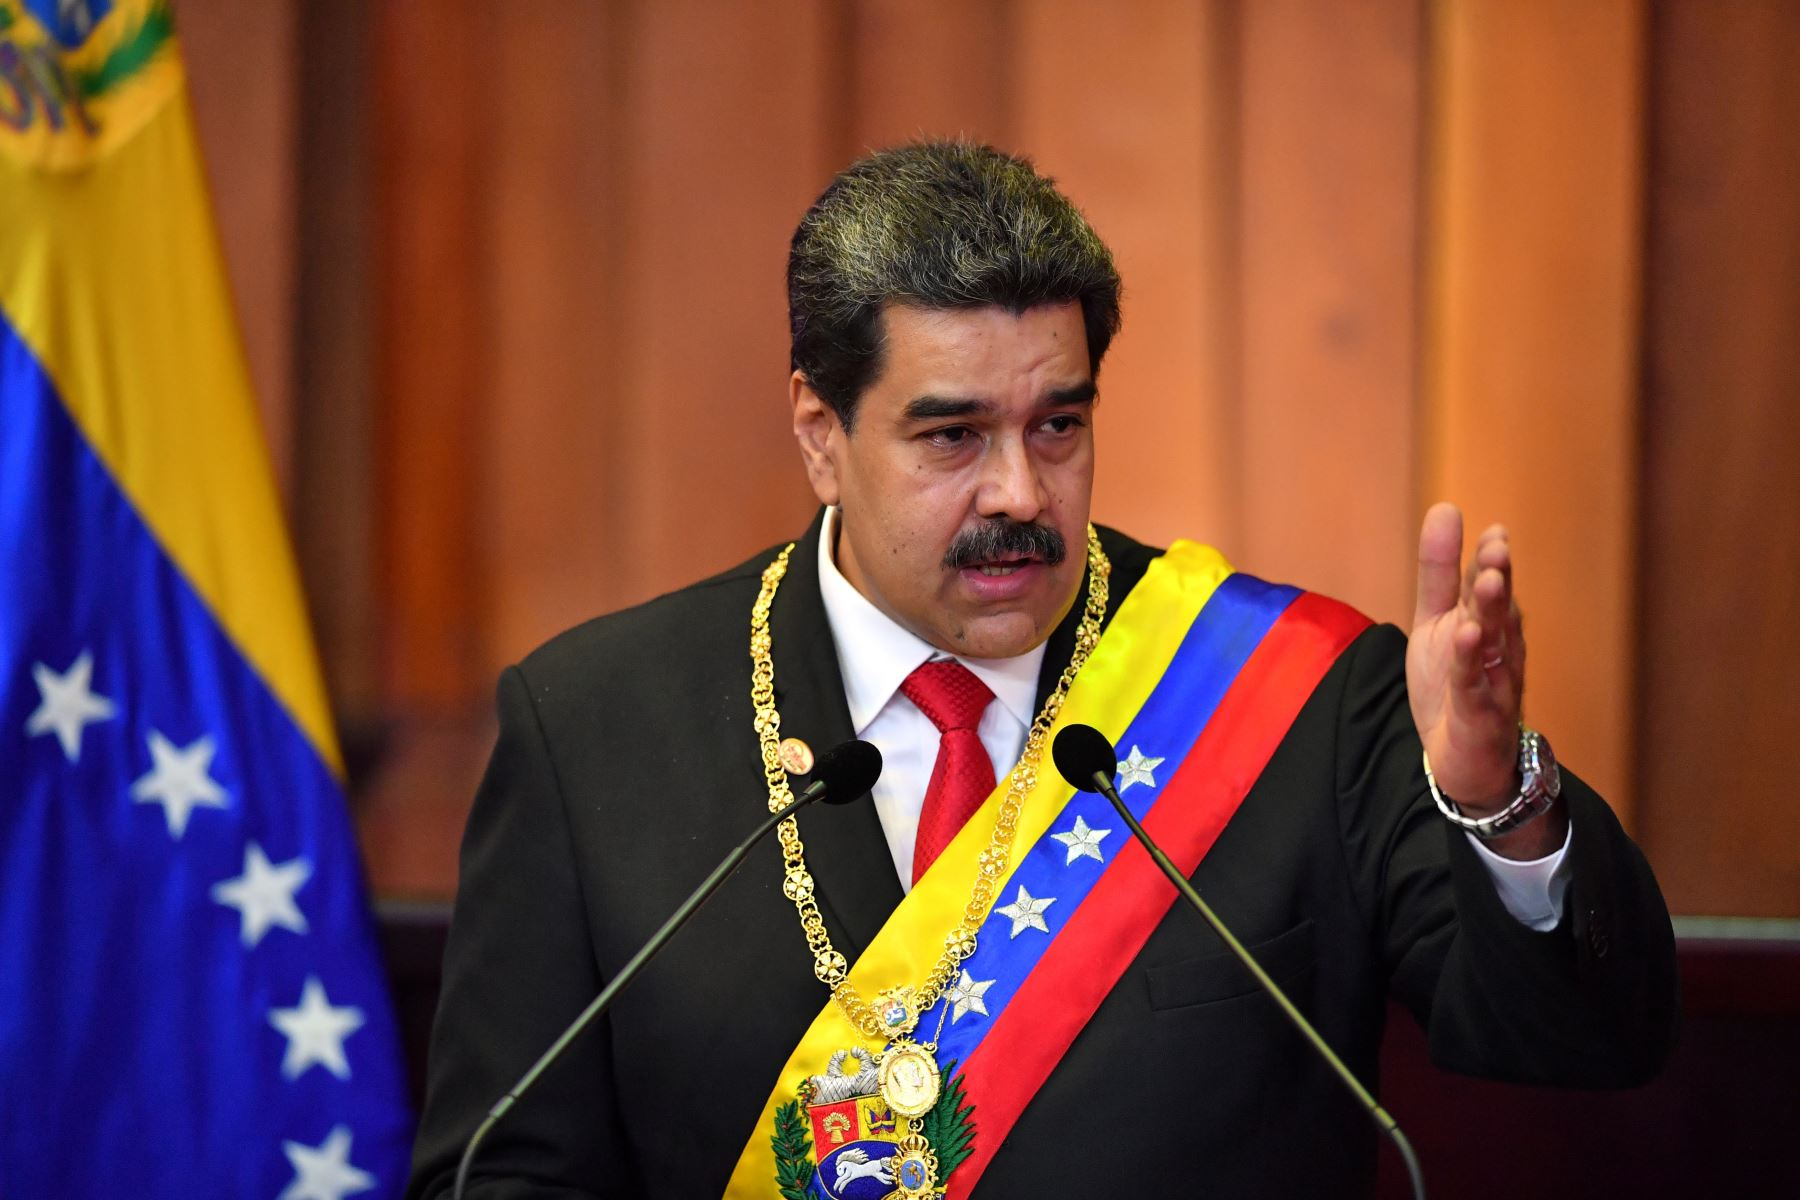 El presidente de Venezuela, Nicolás Maduro, pronuncia un discurso luego de ser juramentado para su segundo mandato, en la Corte Suprema de Justicia (TSJ) en Caracas . AFP